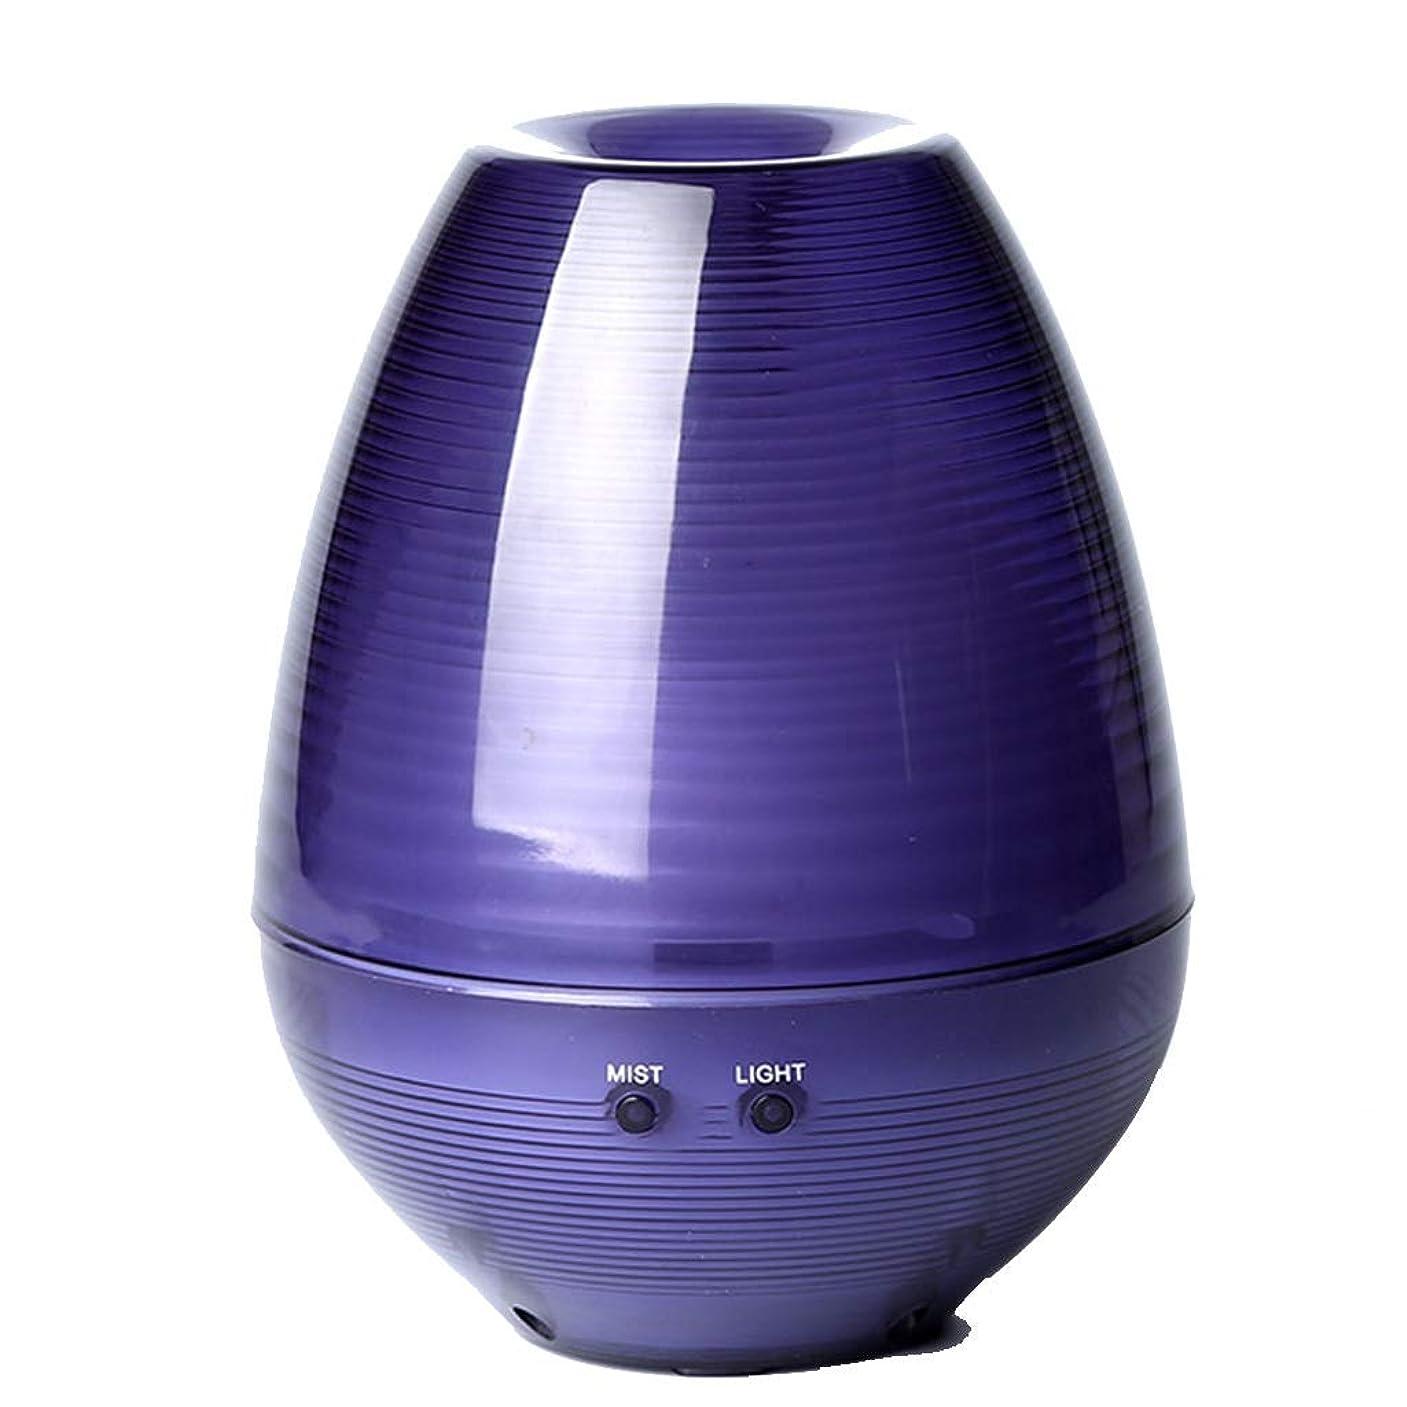 あなたが良くなります壁タールアロマセラピーエッセンシャルオイルディフューザー、アロマディフューザークールミスト加湿器ウォーターレスオートシャットオフホームオフィス用ヨガ (Color : Purple)